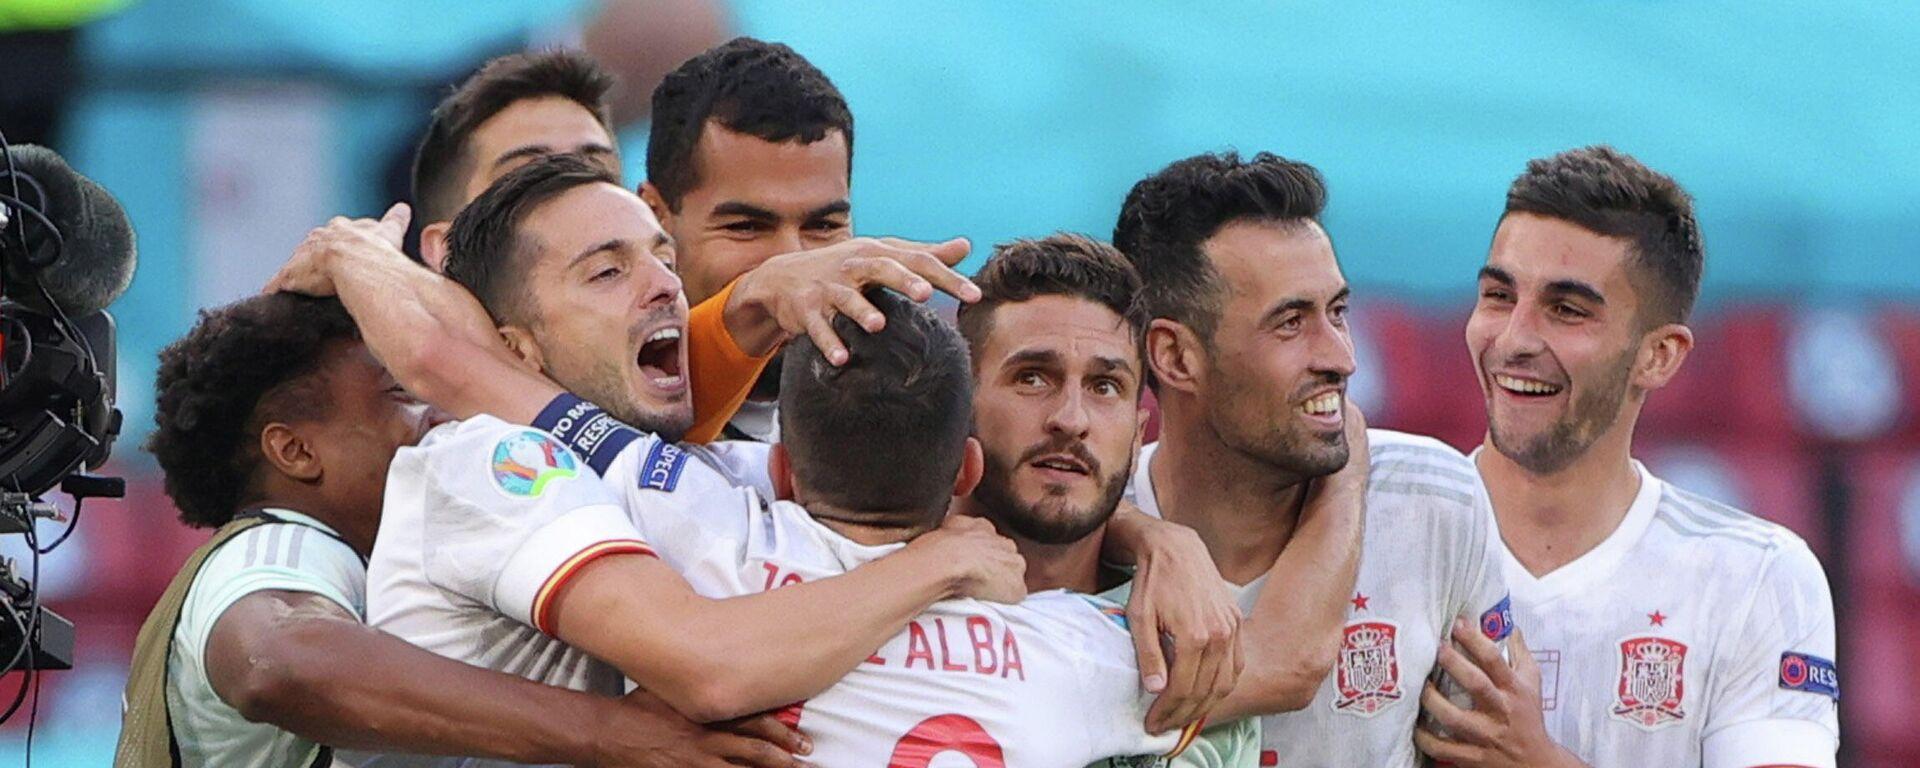 Selección española en la Eurocopa 2021 tras el partido con Croacia - Sputnik Mundo, 1920, 01.07.2021